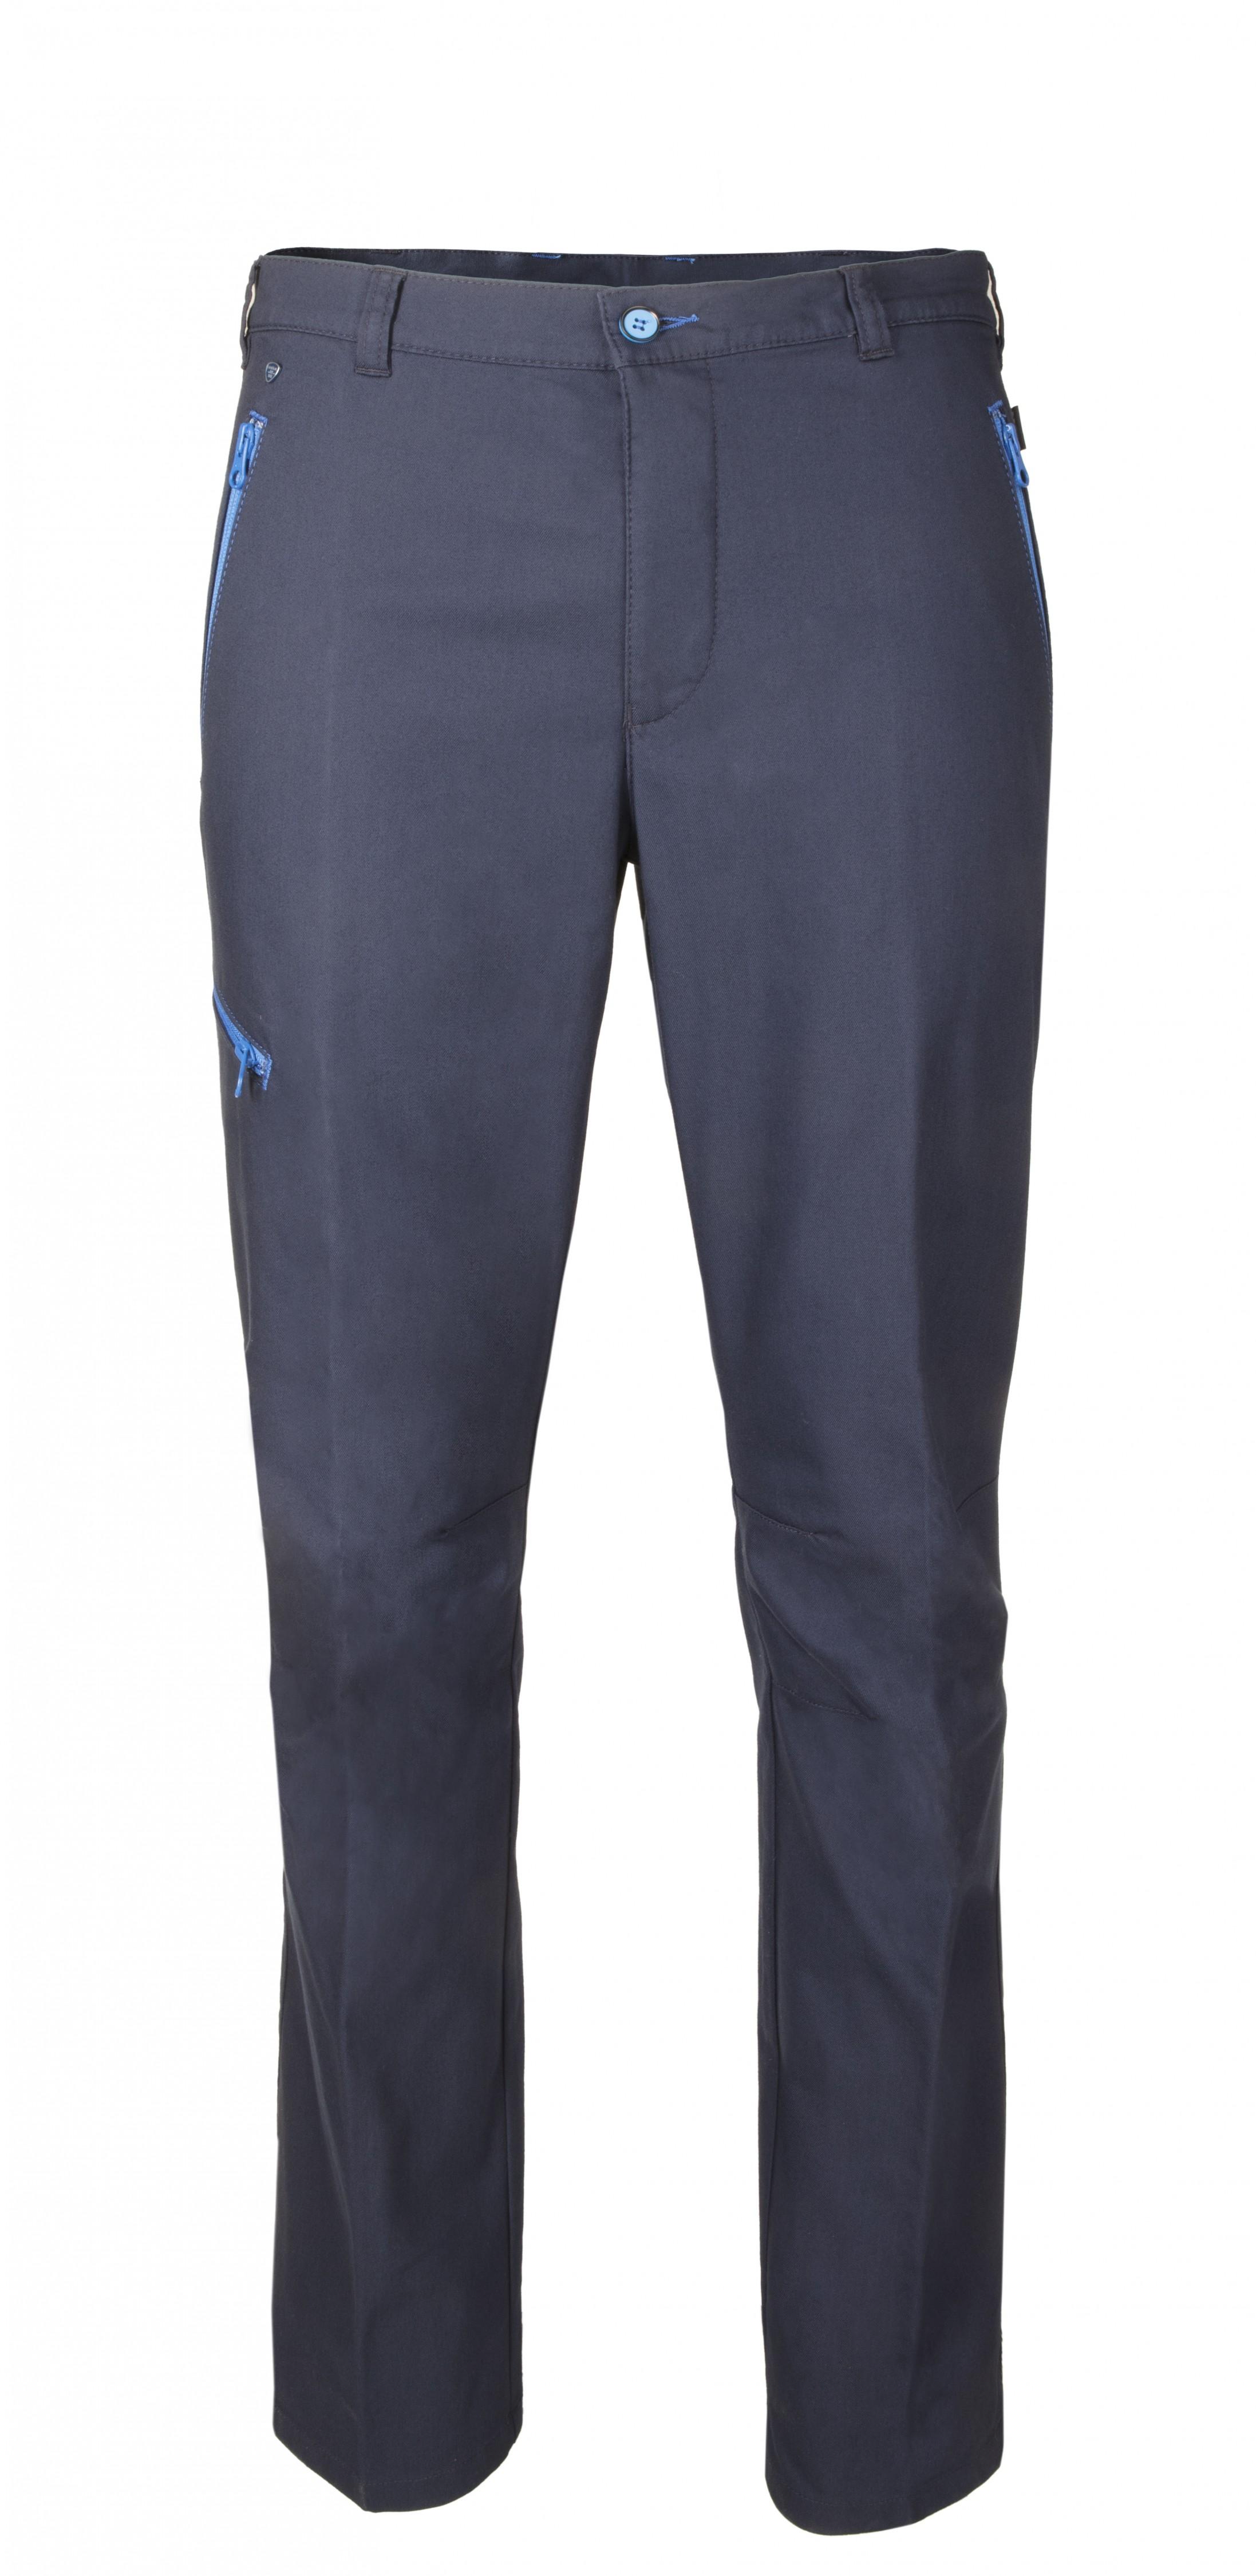 Brühl Stoffhose mit Kontrastreißverschluss Ravenna | Bekleidung > Hosen > Stoffhosen | Brühl